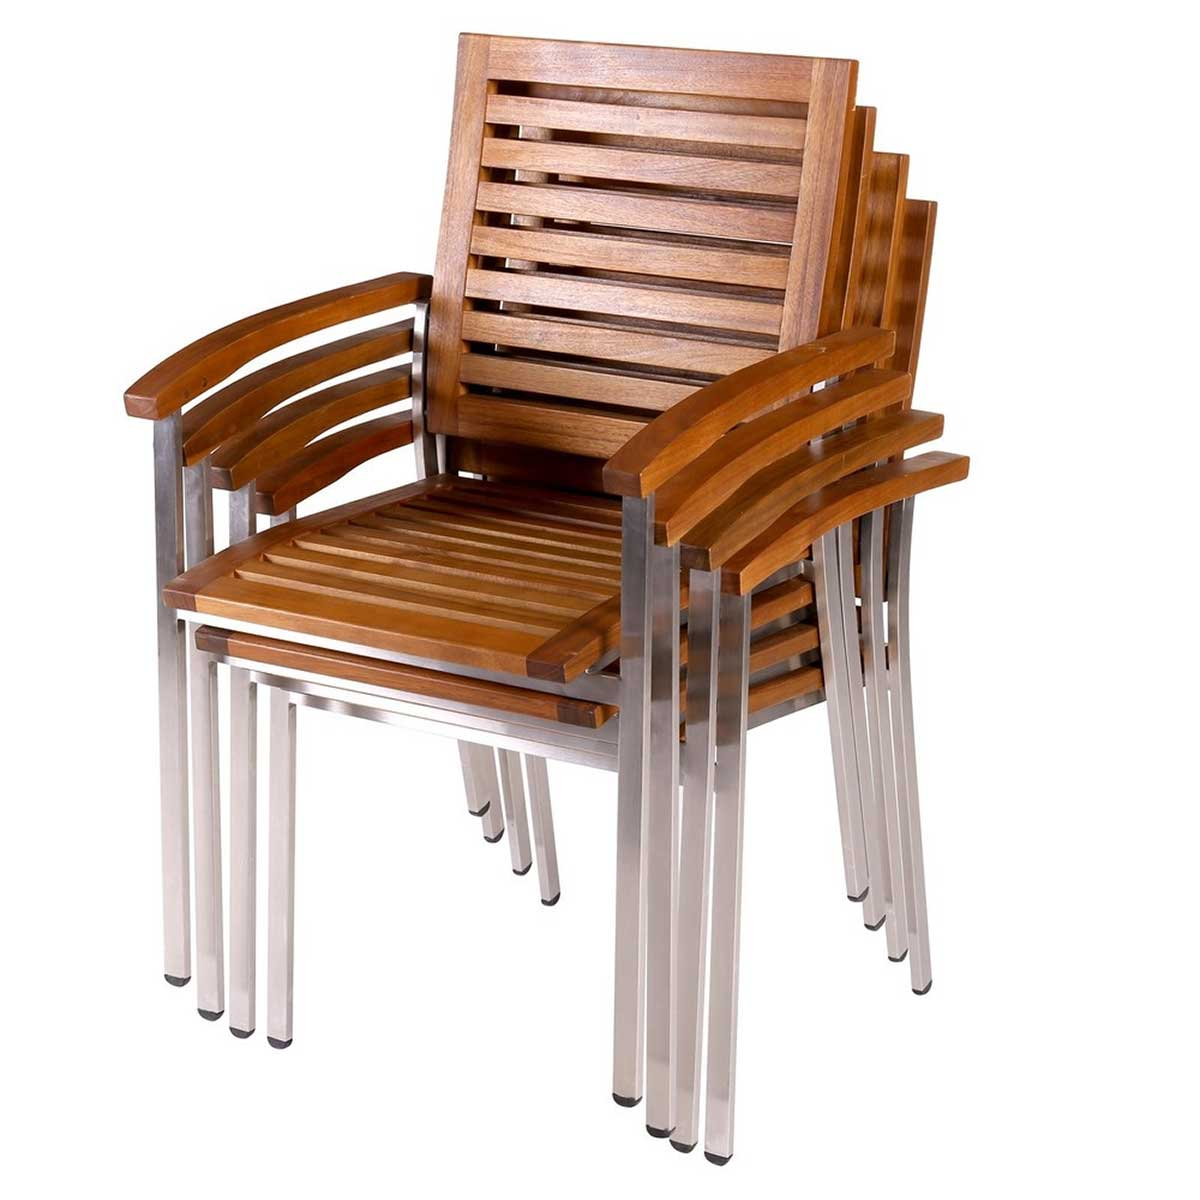 Lot de 4 fauteuils à bras en acacia - Naturel - 57.40 cm x 57.00 cm x 88.00 cm